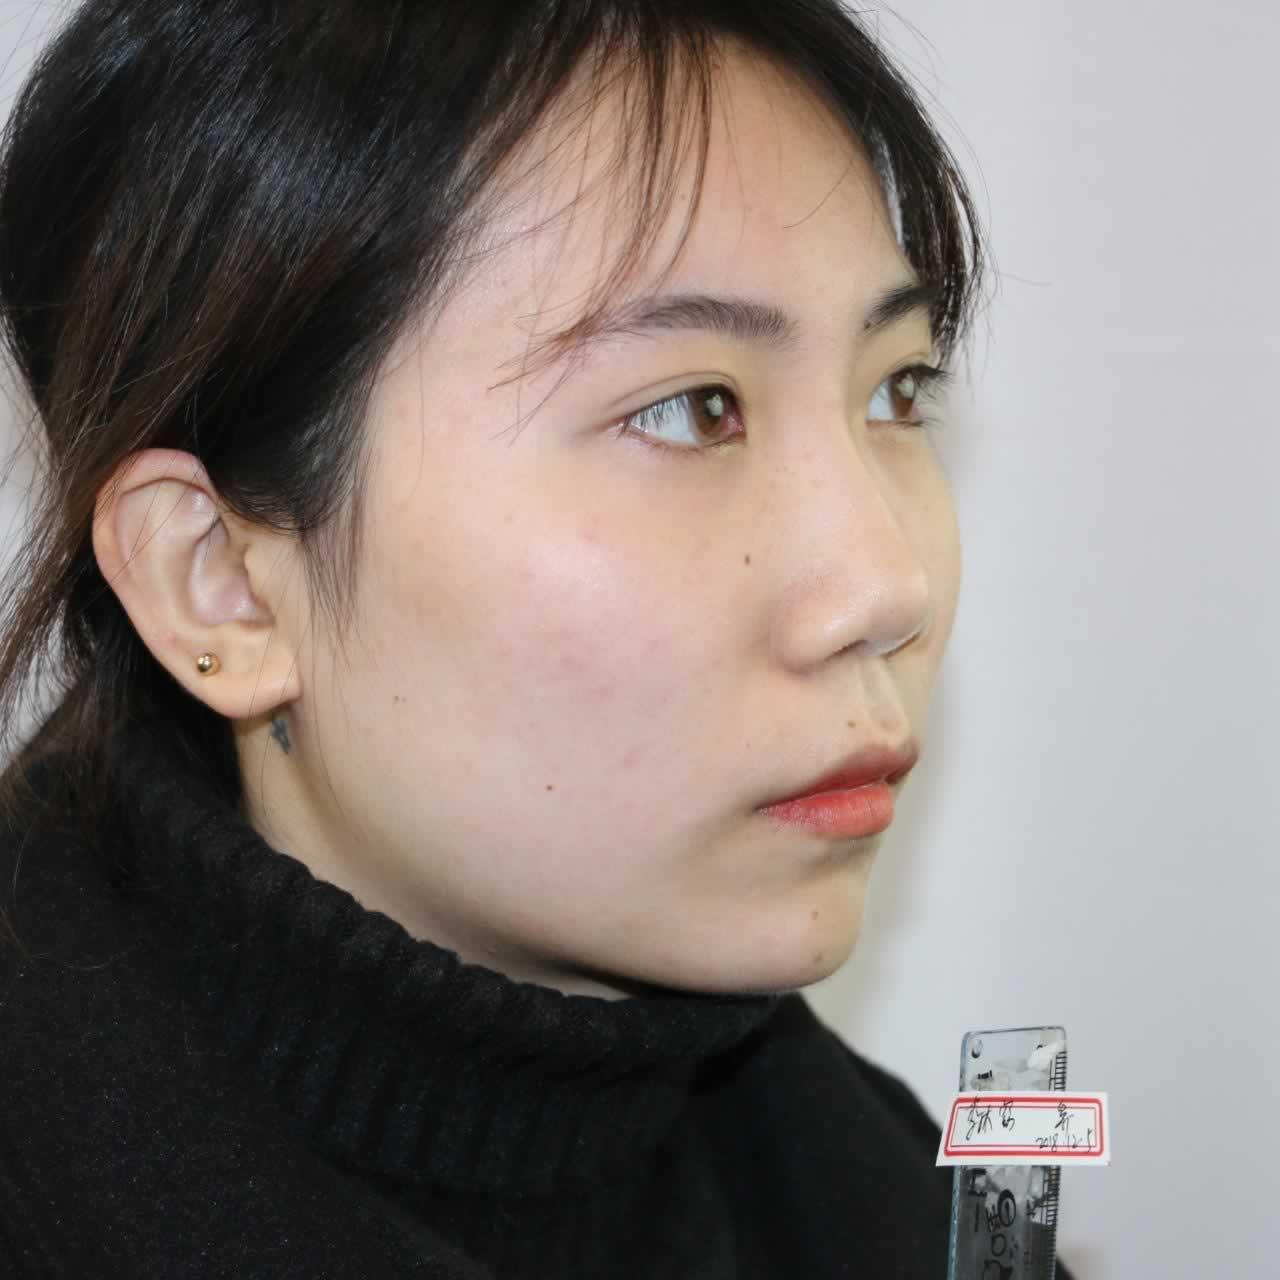 光整鼻子有多少人是整完后悔的?长沙亚韩的鼻综合手术真不错